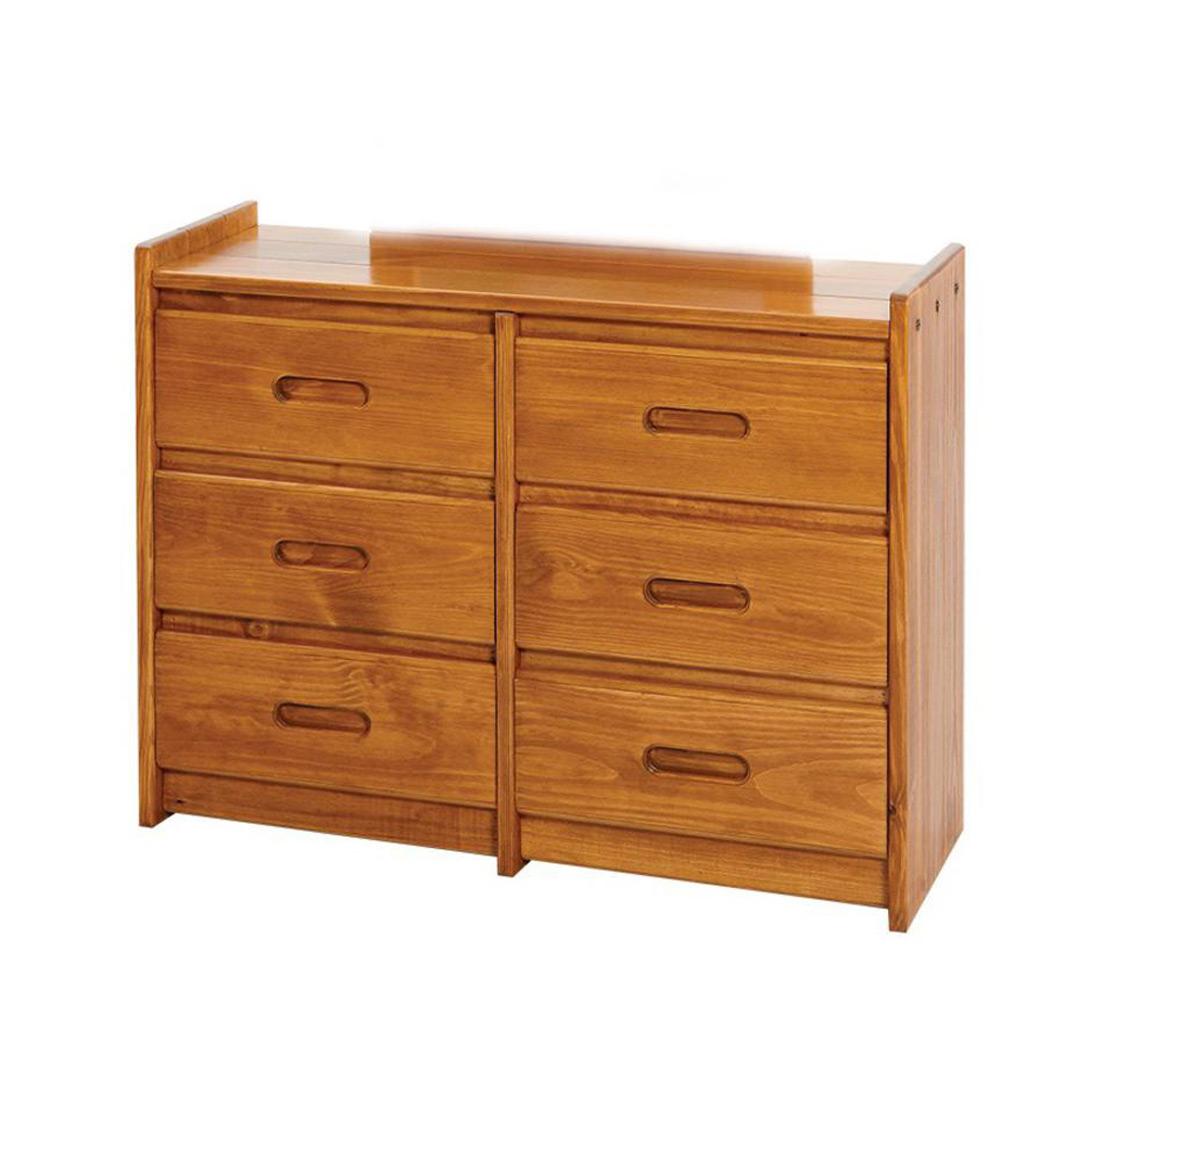 Chelsea Home 360066 6 Drawer Dresser - Honey